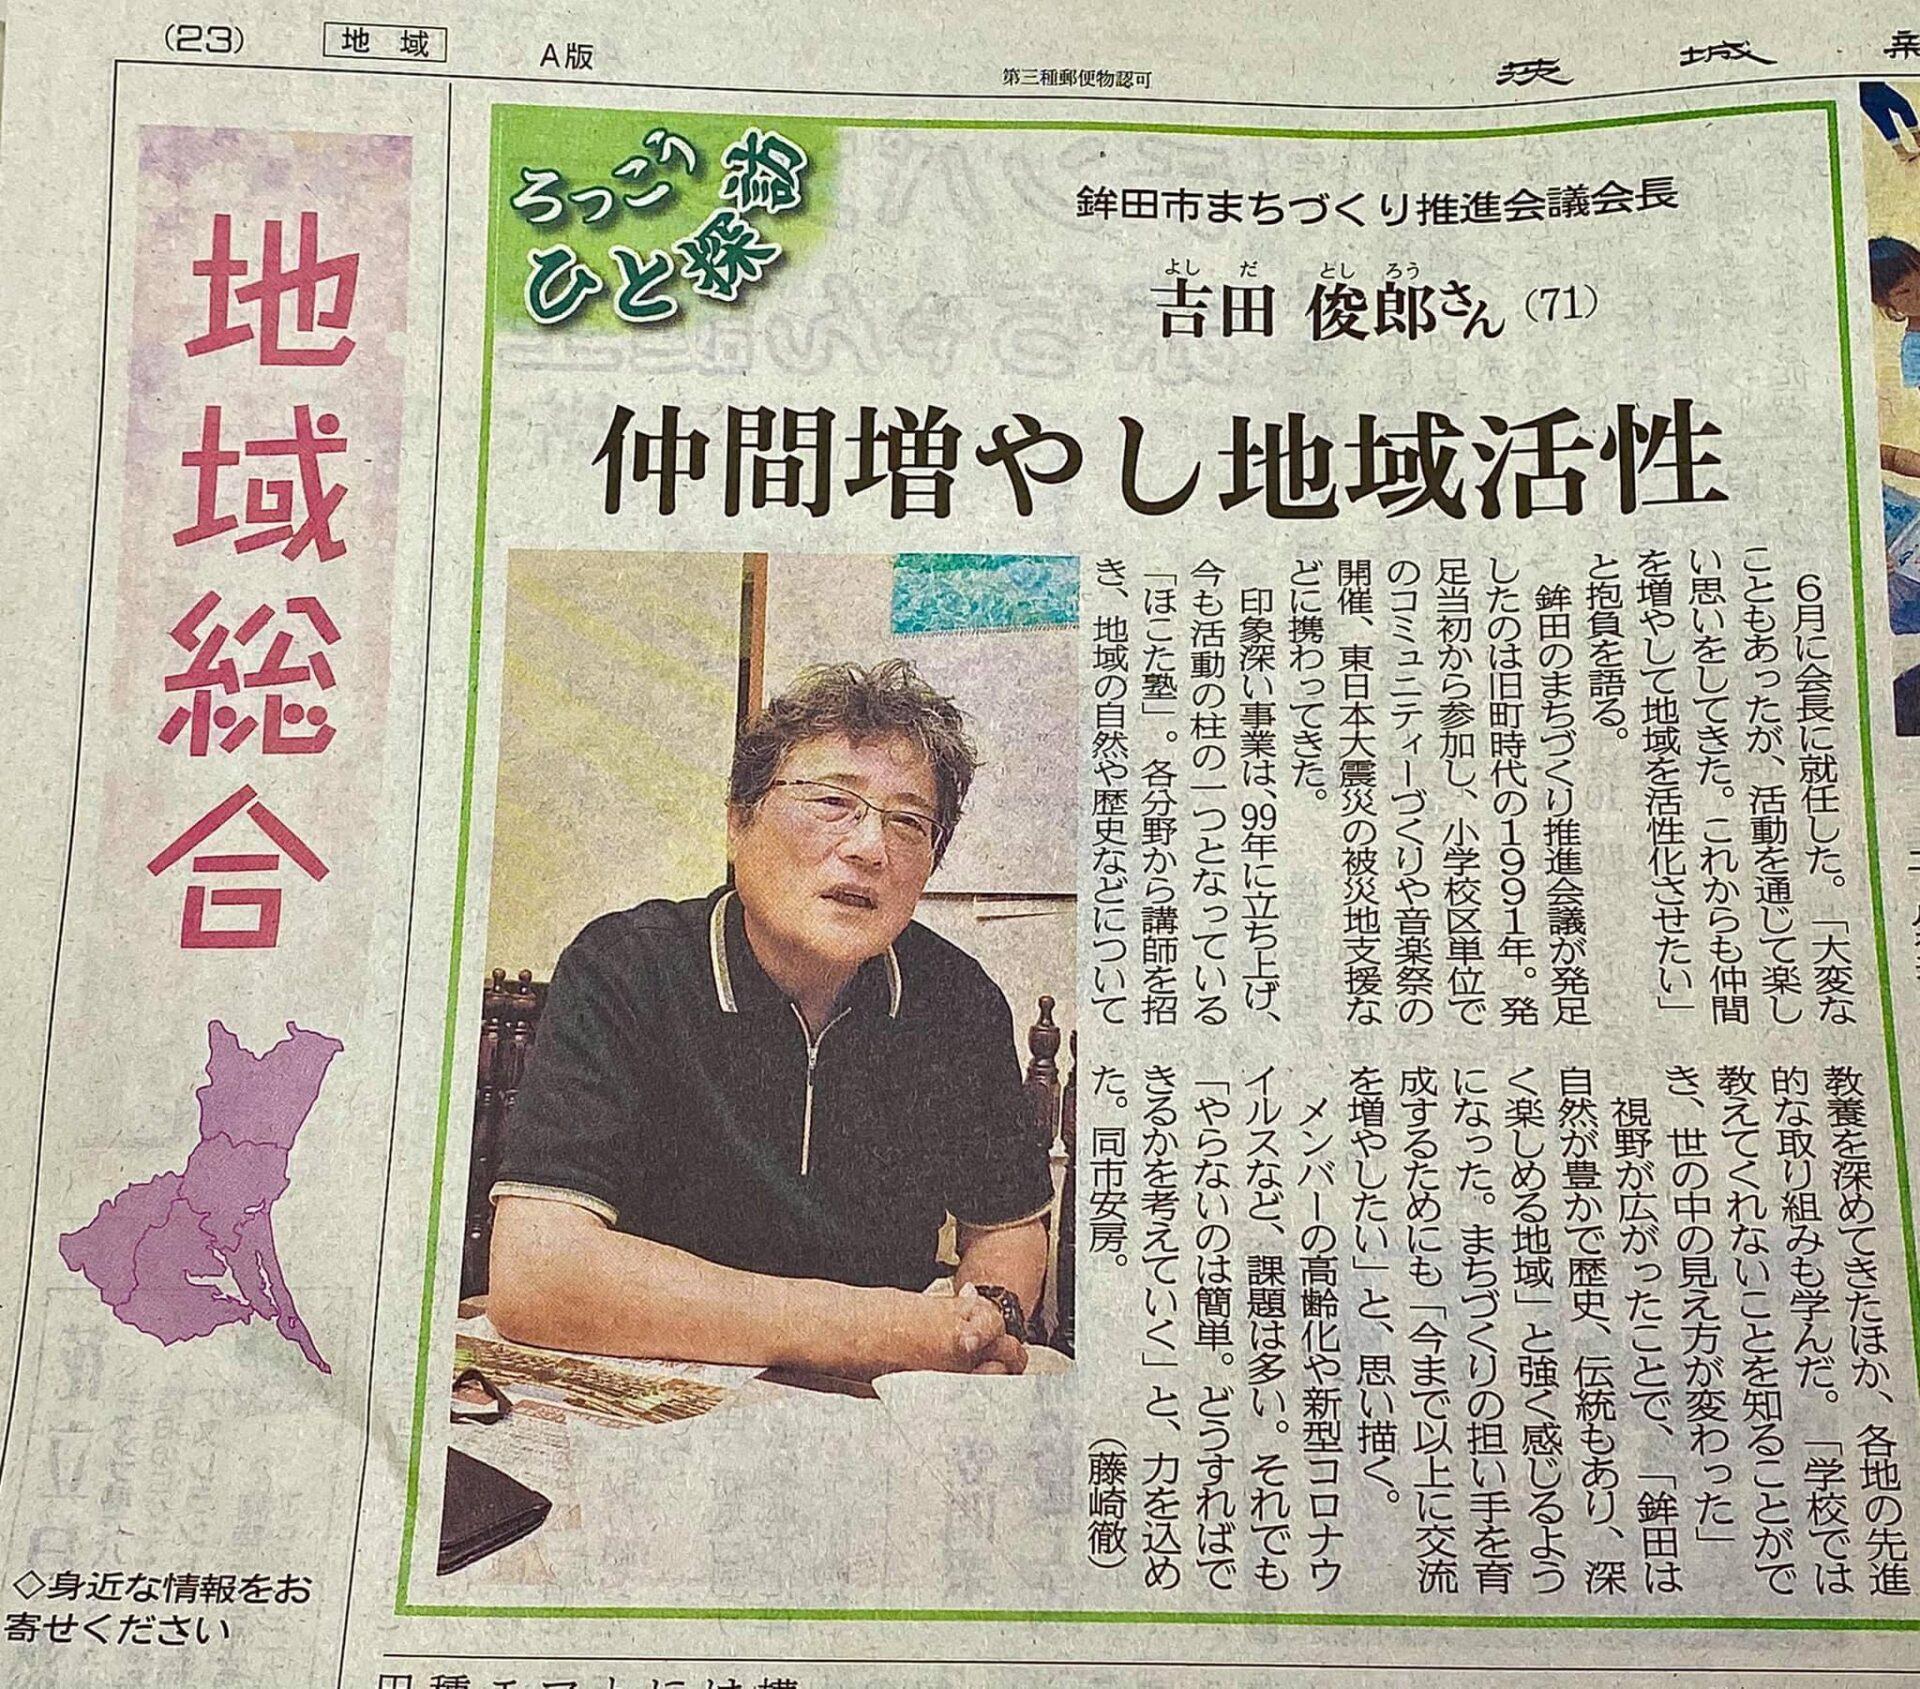 鉾田市まちづくり推進会議吉田俊郎会長の記事